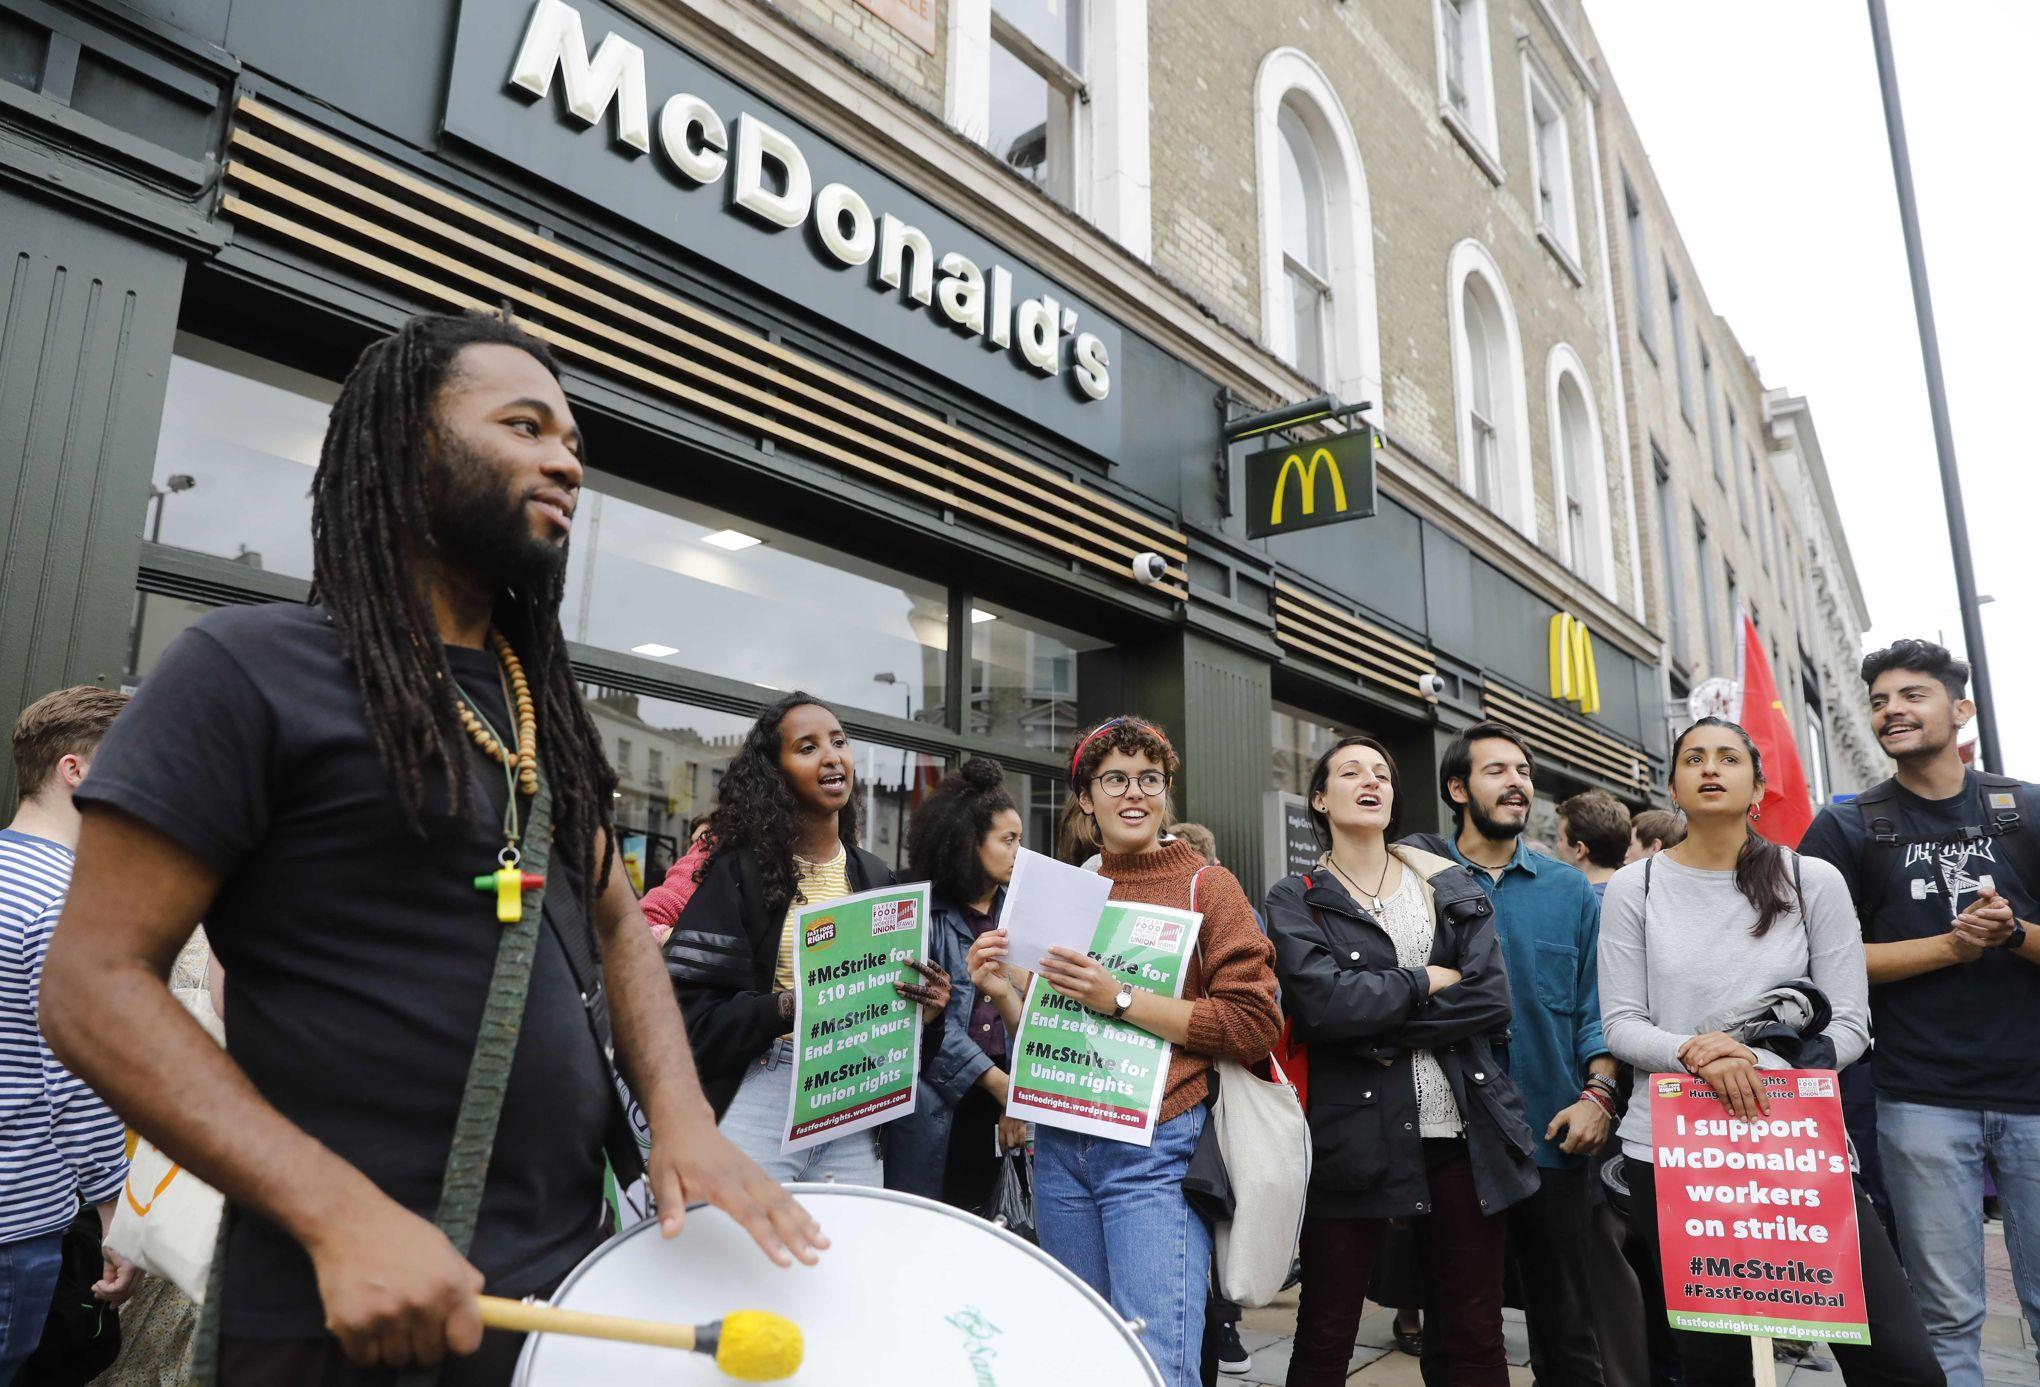 Mcdonald S Face A Une Premiere Greve Historique Au Royaume Uni